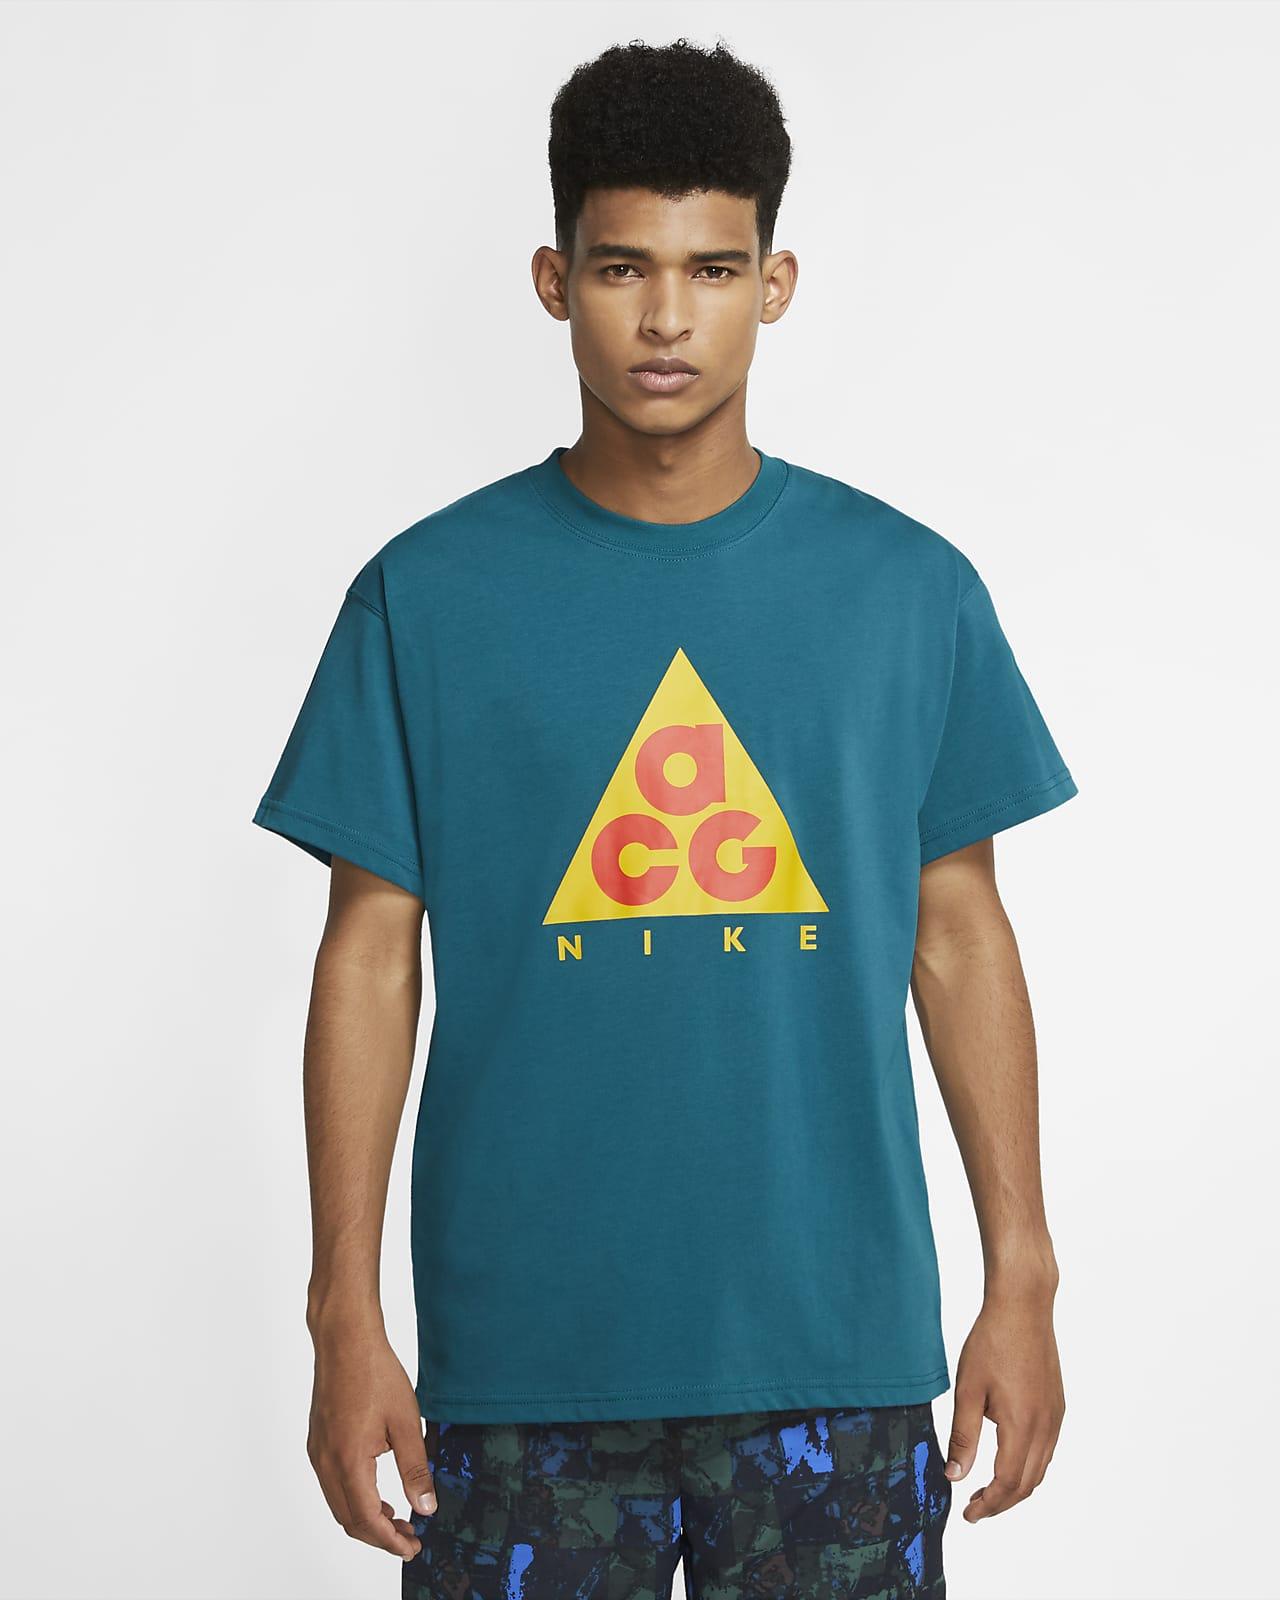 ナイキ ACG メンズ グラフィック Tシャツ